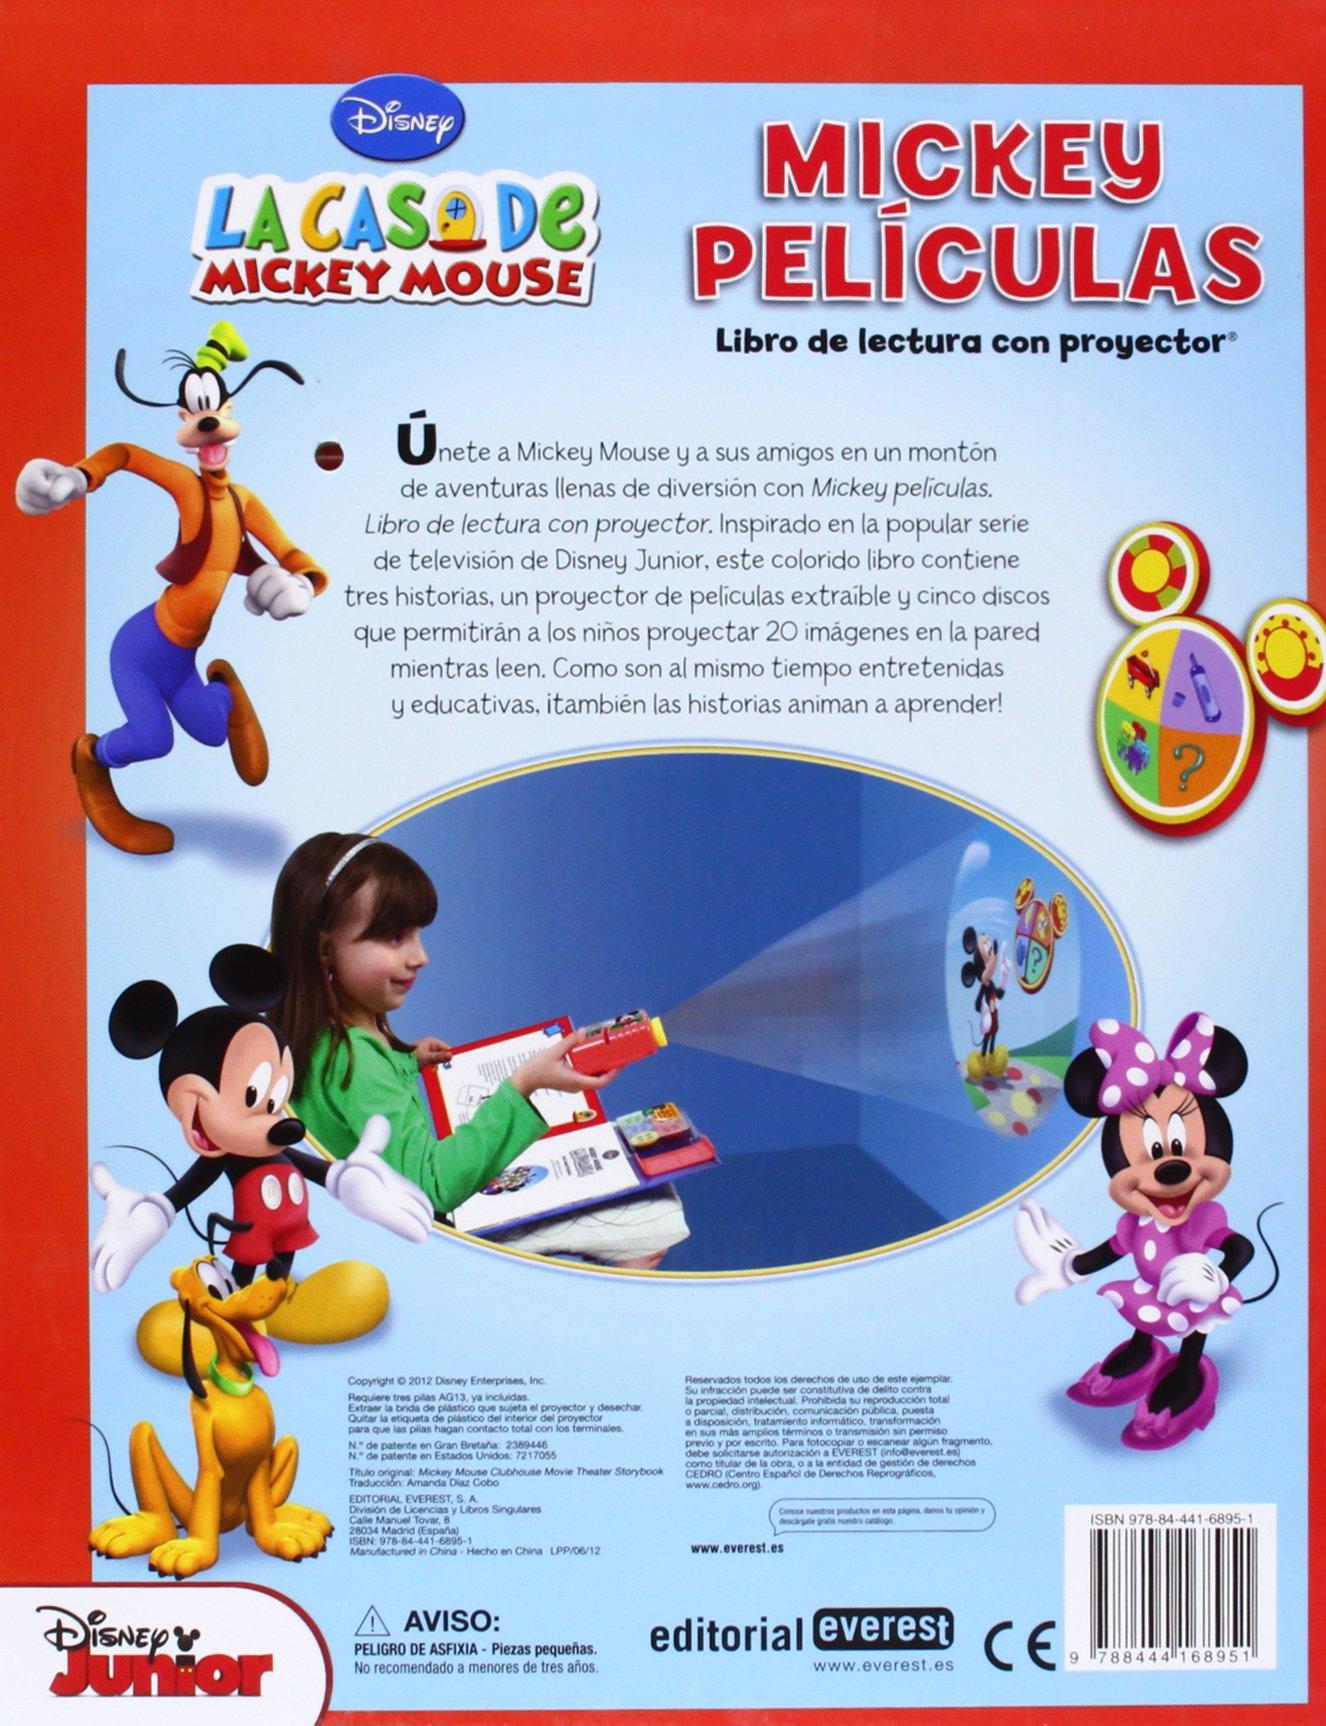 La casa de Mickey mouse. Mickey películas: 9788444168951 ...